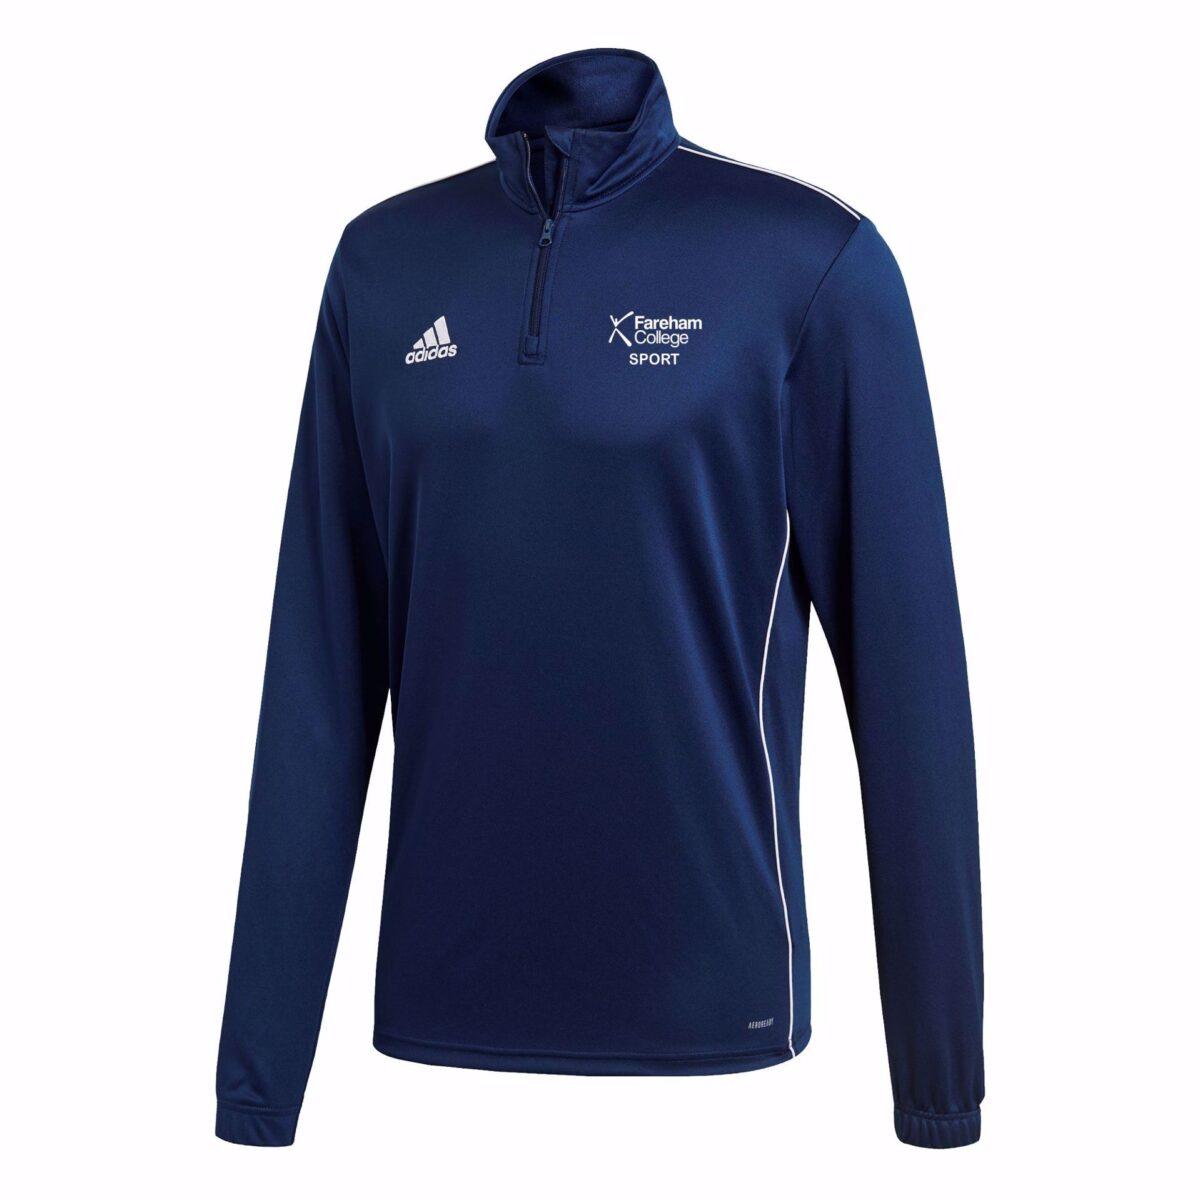 Fareham College Sport Adidas Core 18 Training Top